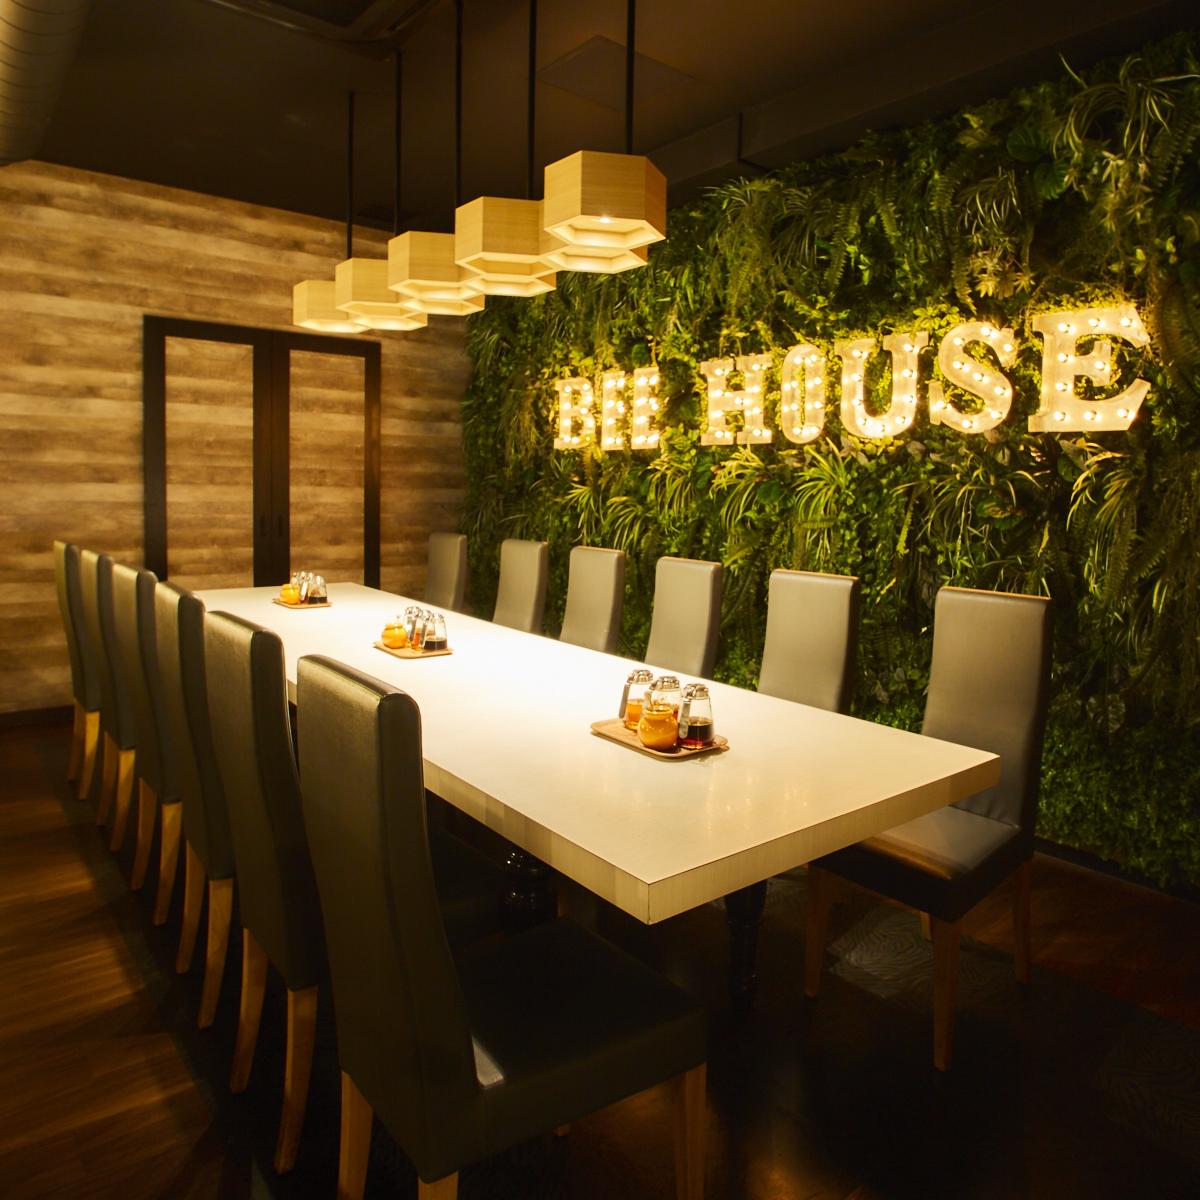 """숲에있는 레스토랑을 이미지 한 가게 안에는 꿀이 듬뿍 들어간 """"허니""""가 전체 테이블에 상비되어 있습니다."""